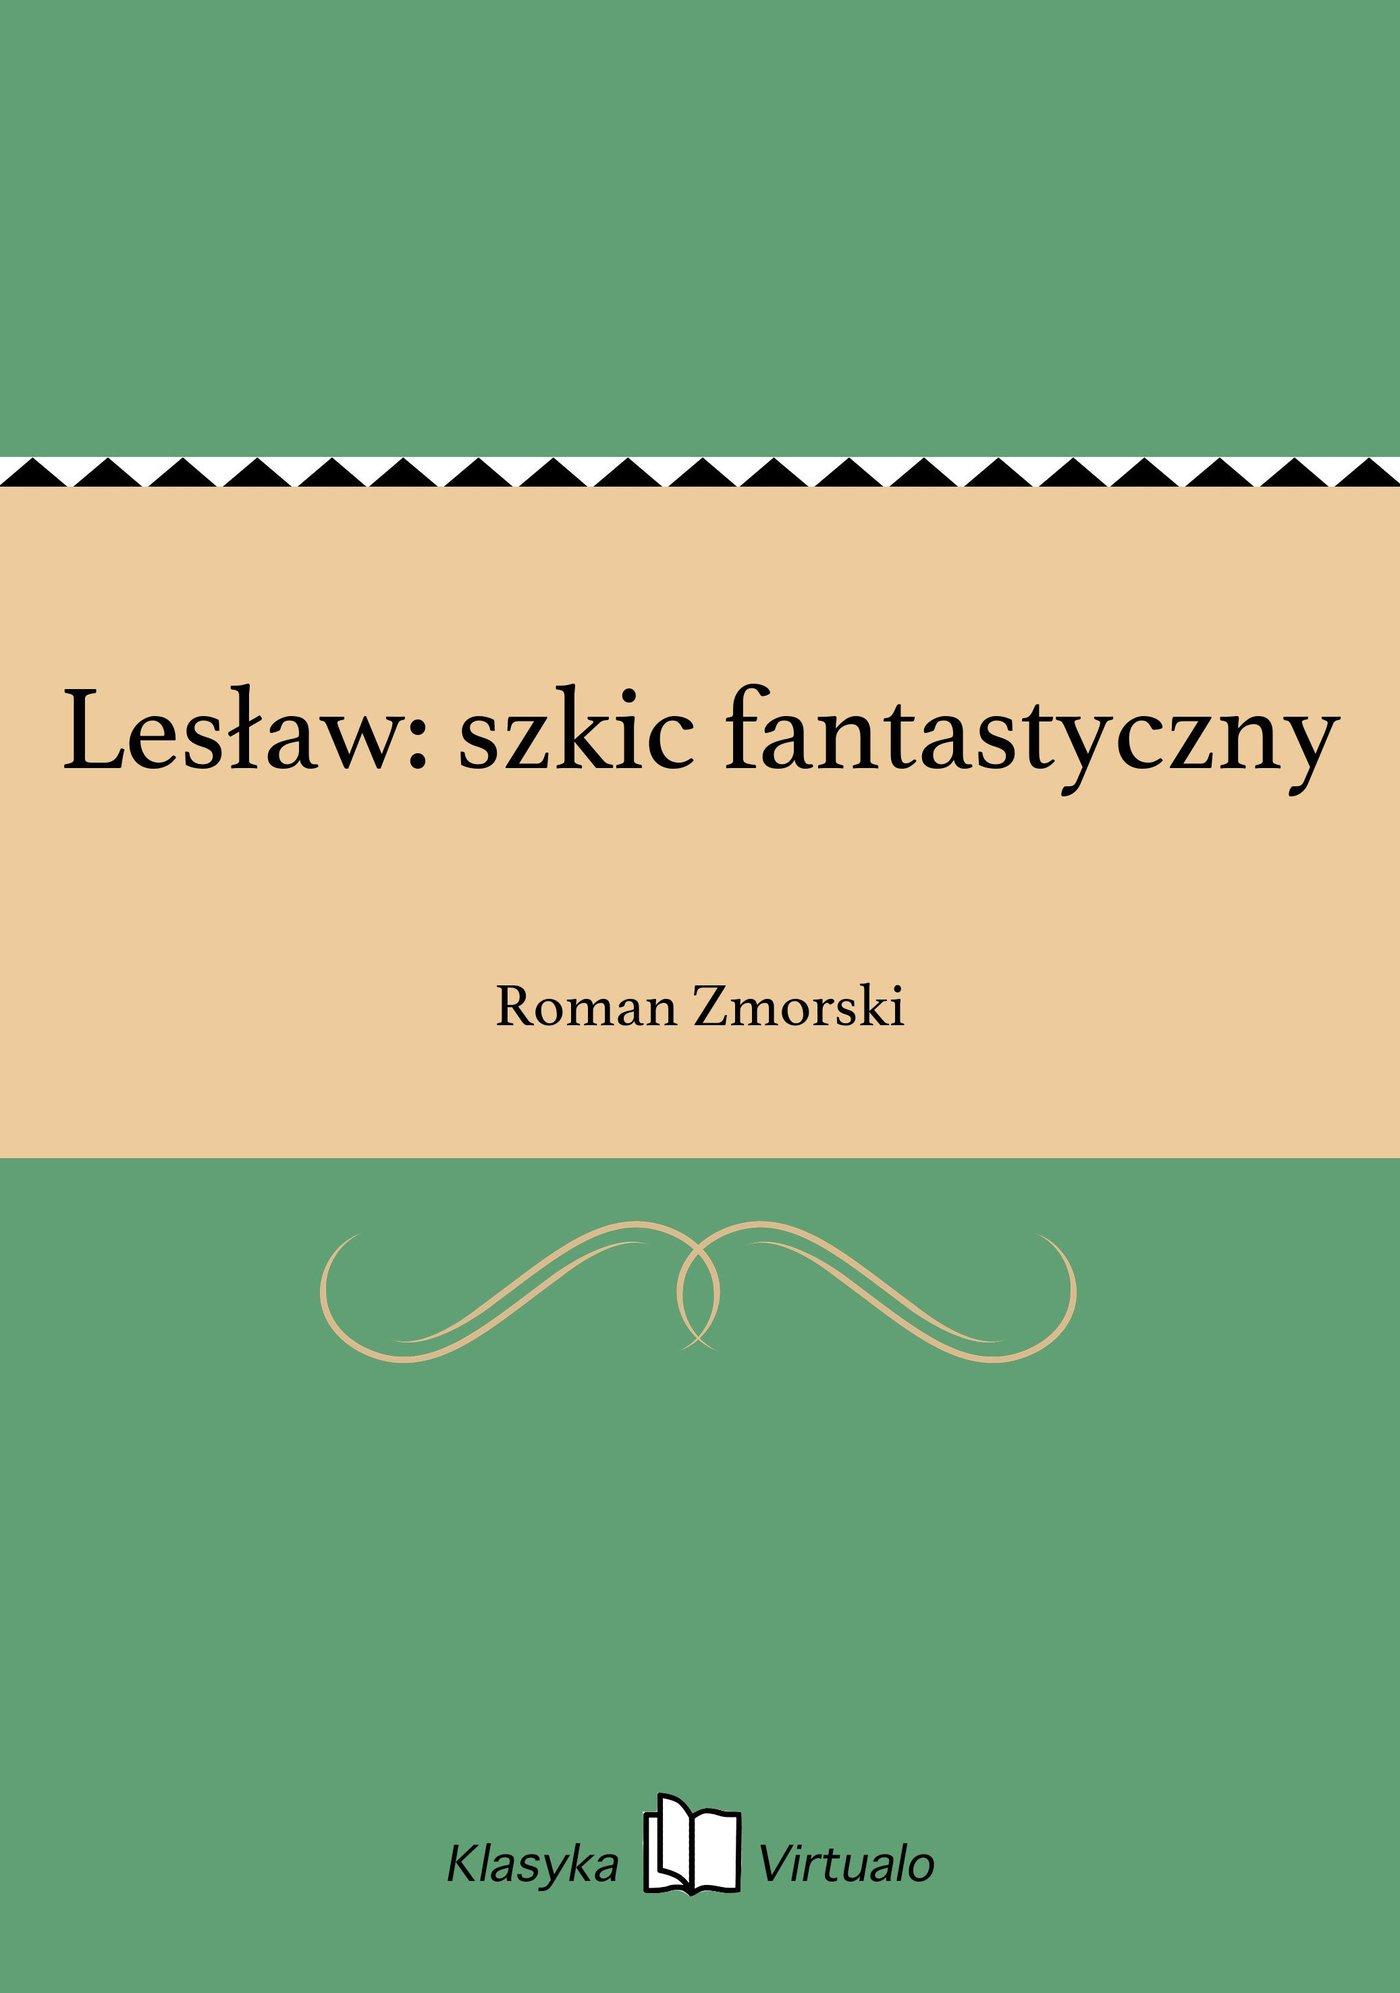 Lesław: szkic fantastyczny - Ebook (Książka EPUB) do pobrania w formacie EPUB